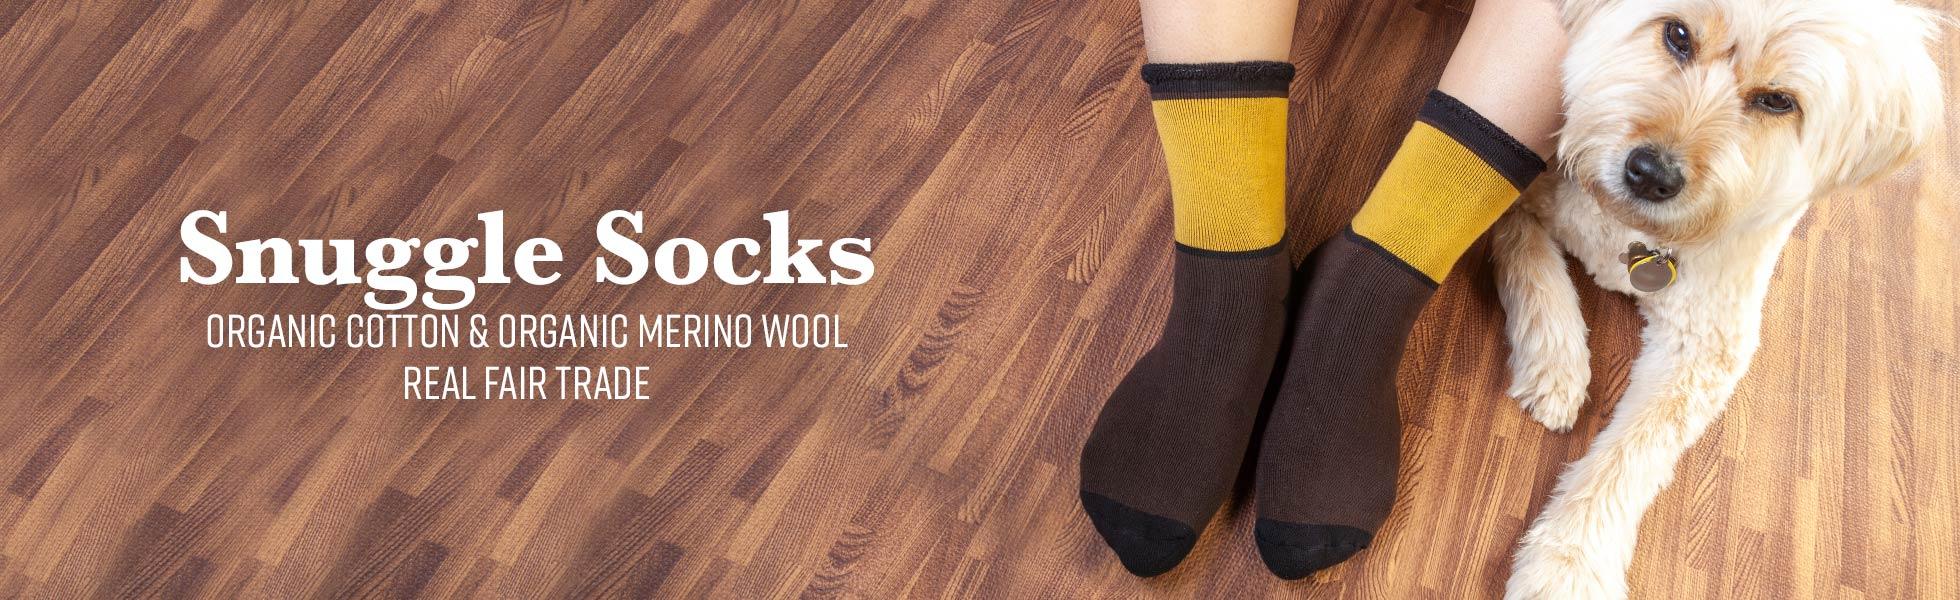 Organic Cotton & Organic Wool Snuggle Socks